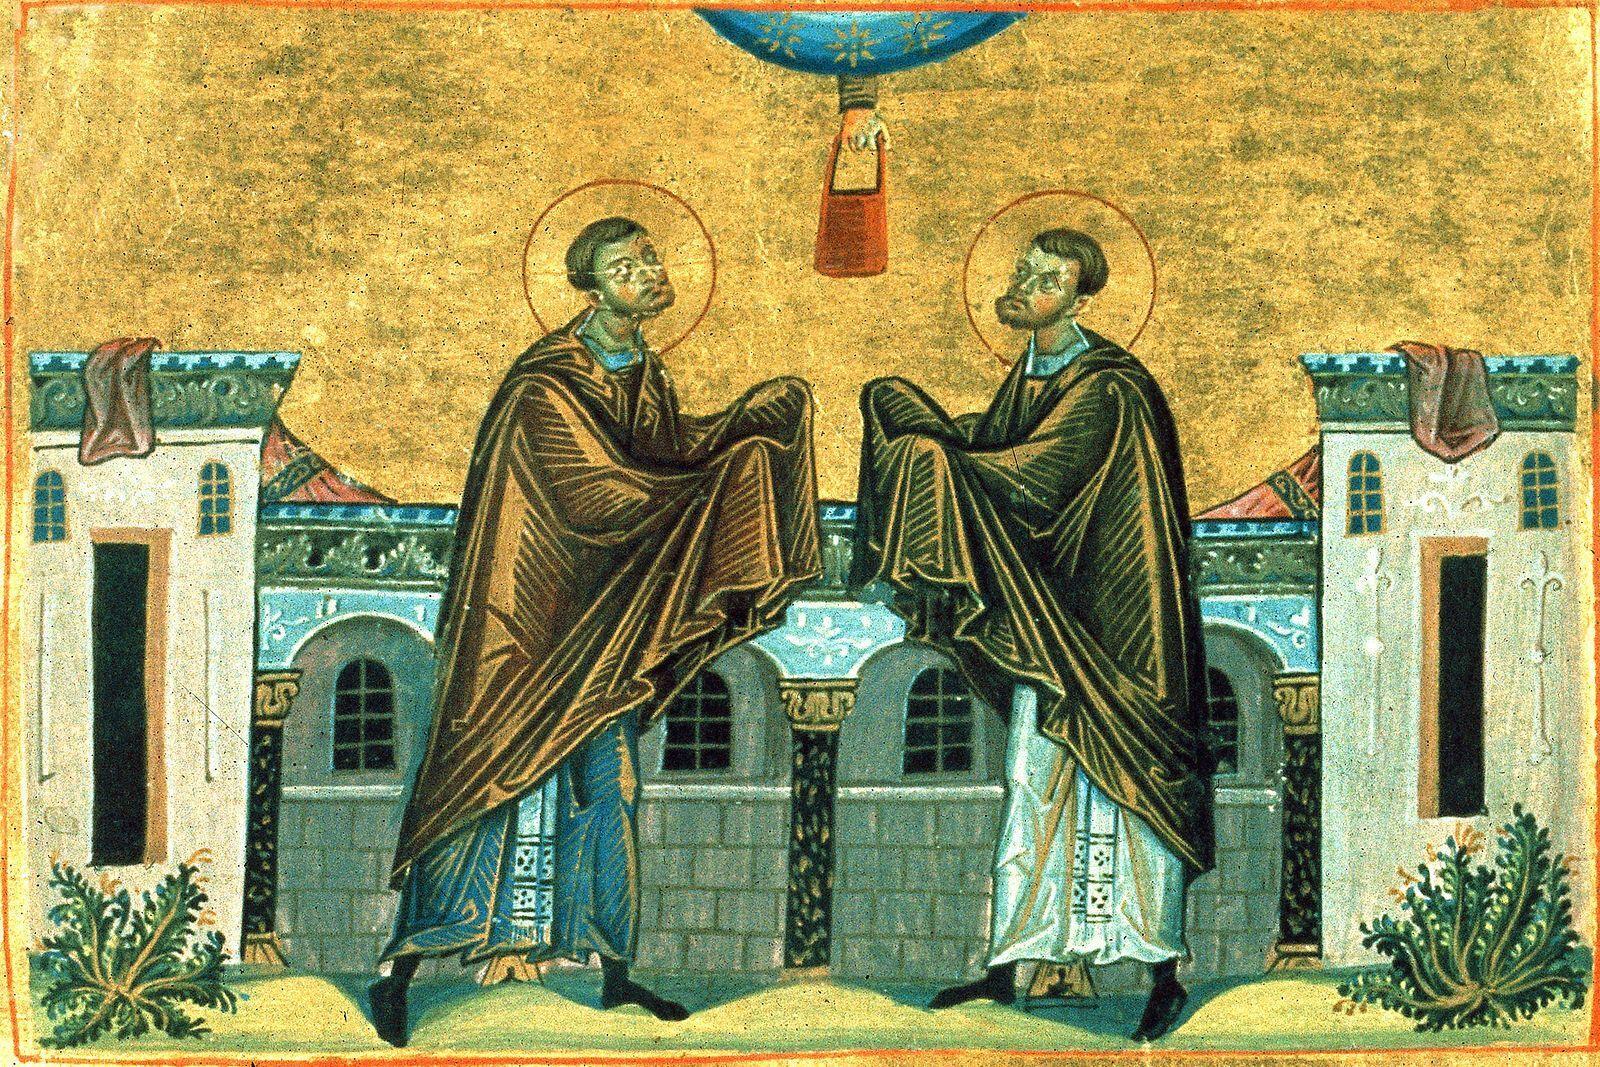 14 июля православные верующие чтут память святых Кузьмы и Демьяна